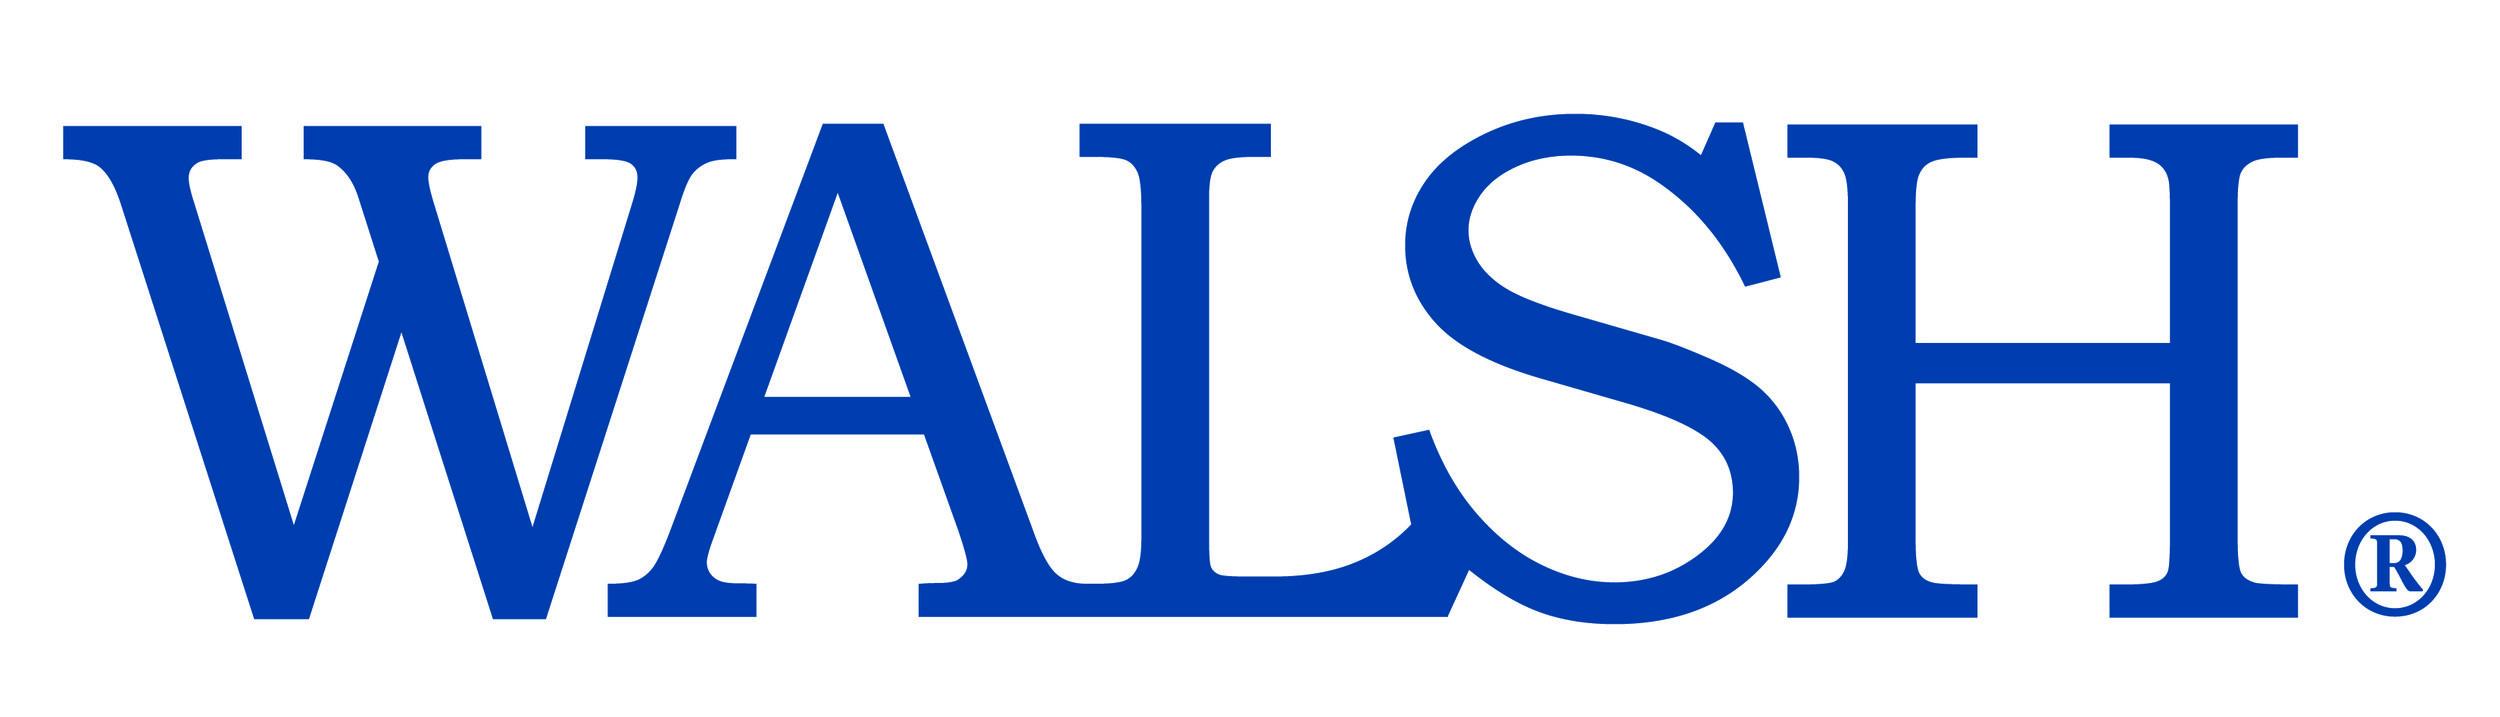 Walsh Logo_Blue (2).jpg